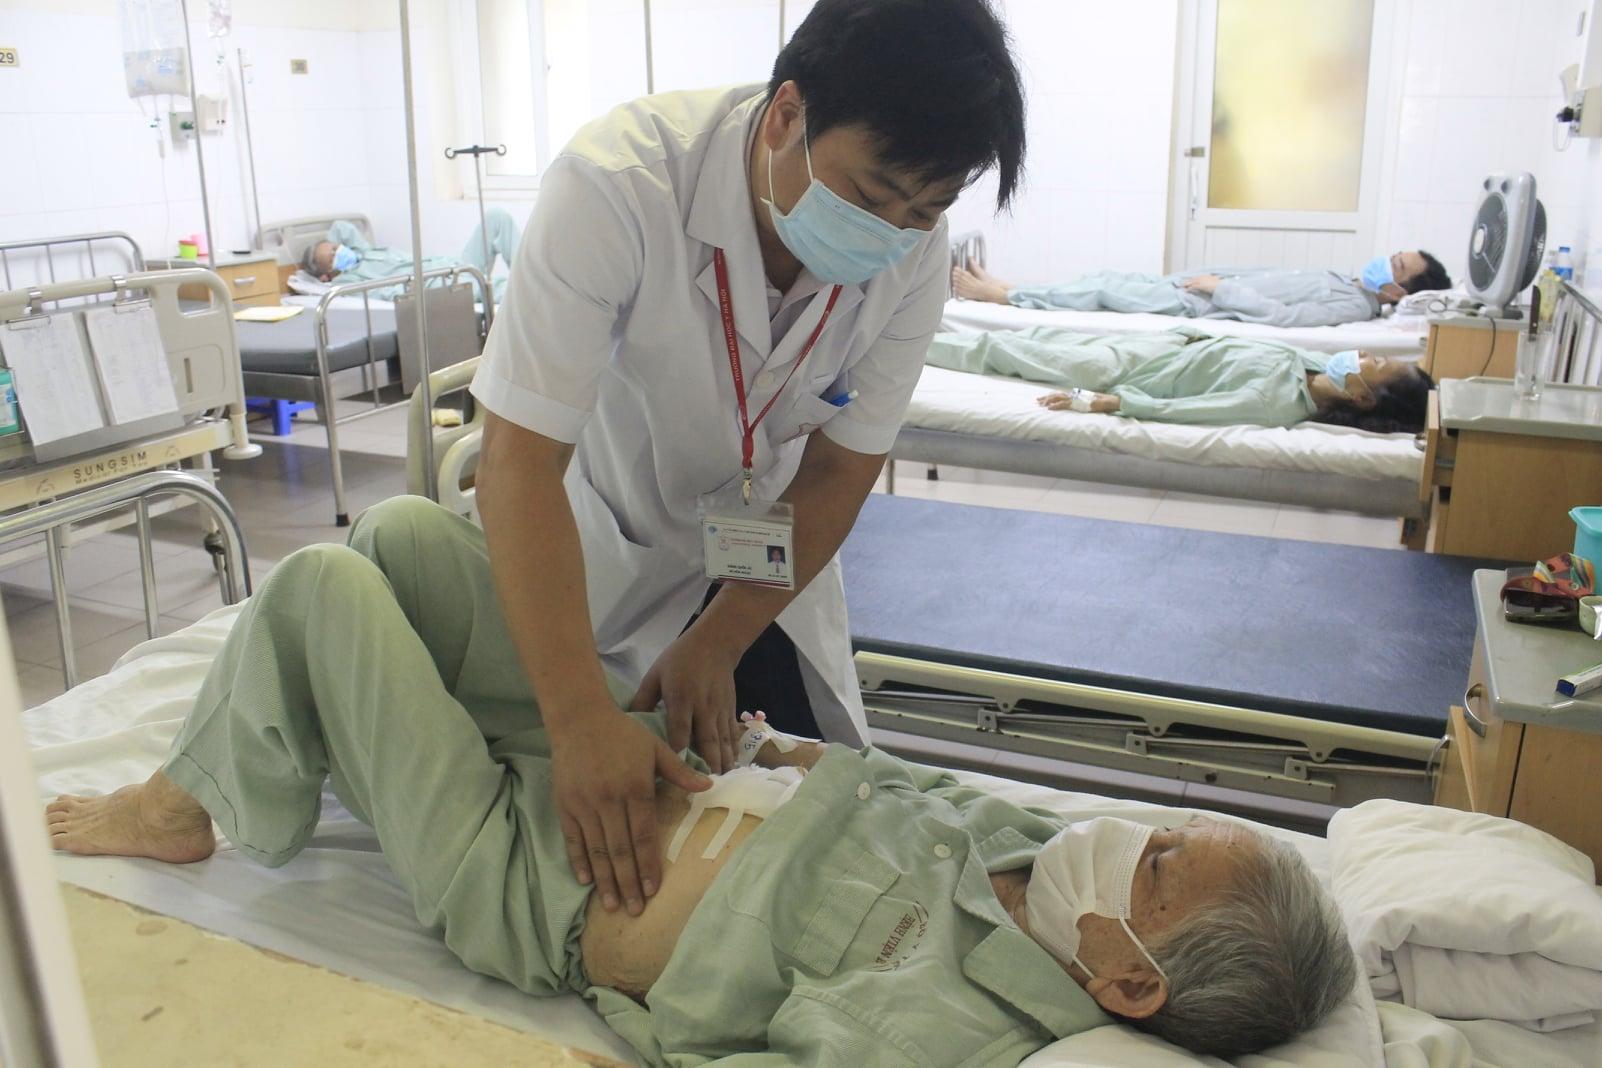 Cụ bà 91 tuổi thoát chết sau khi bị sỏi kẹt cổ túi mật - 1